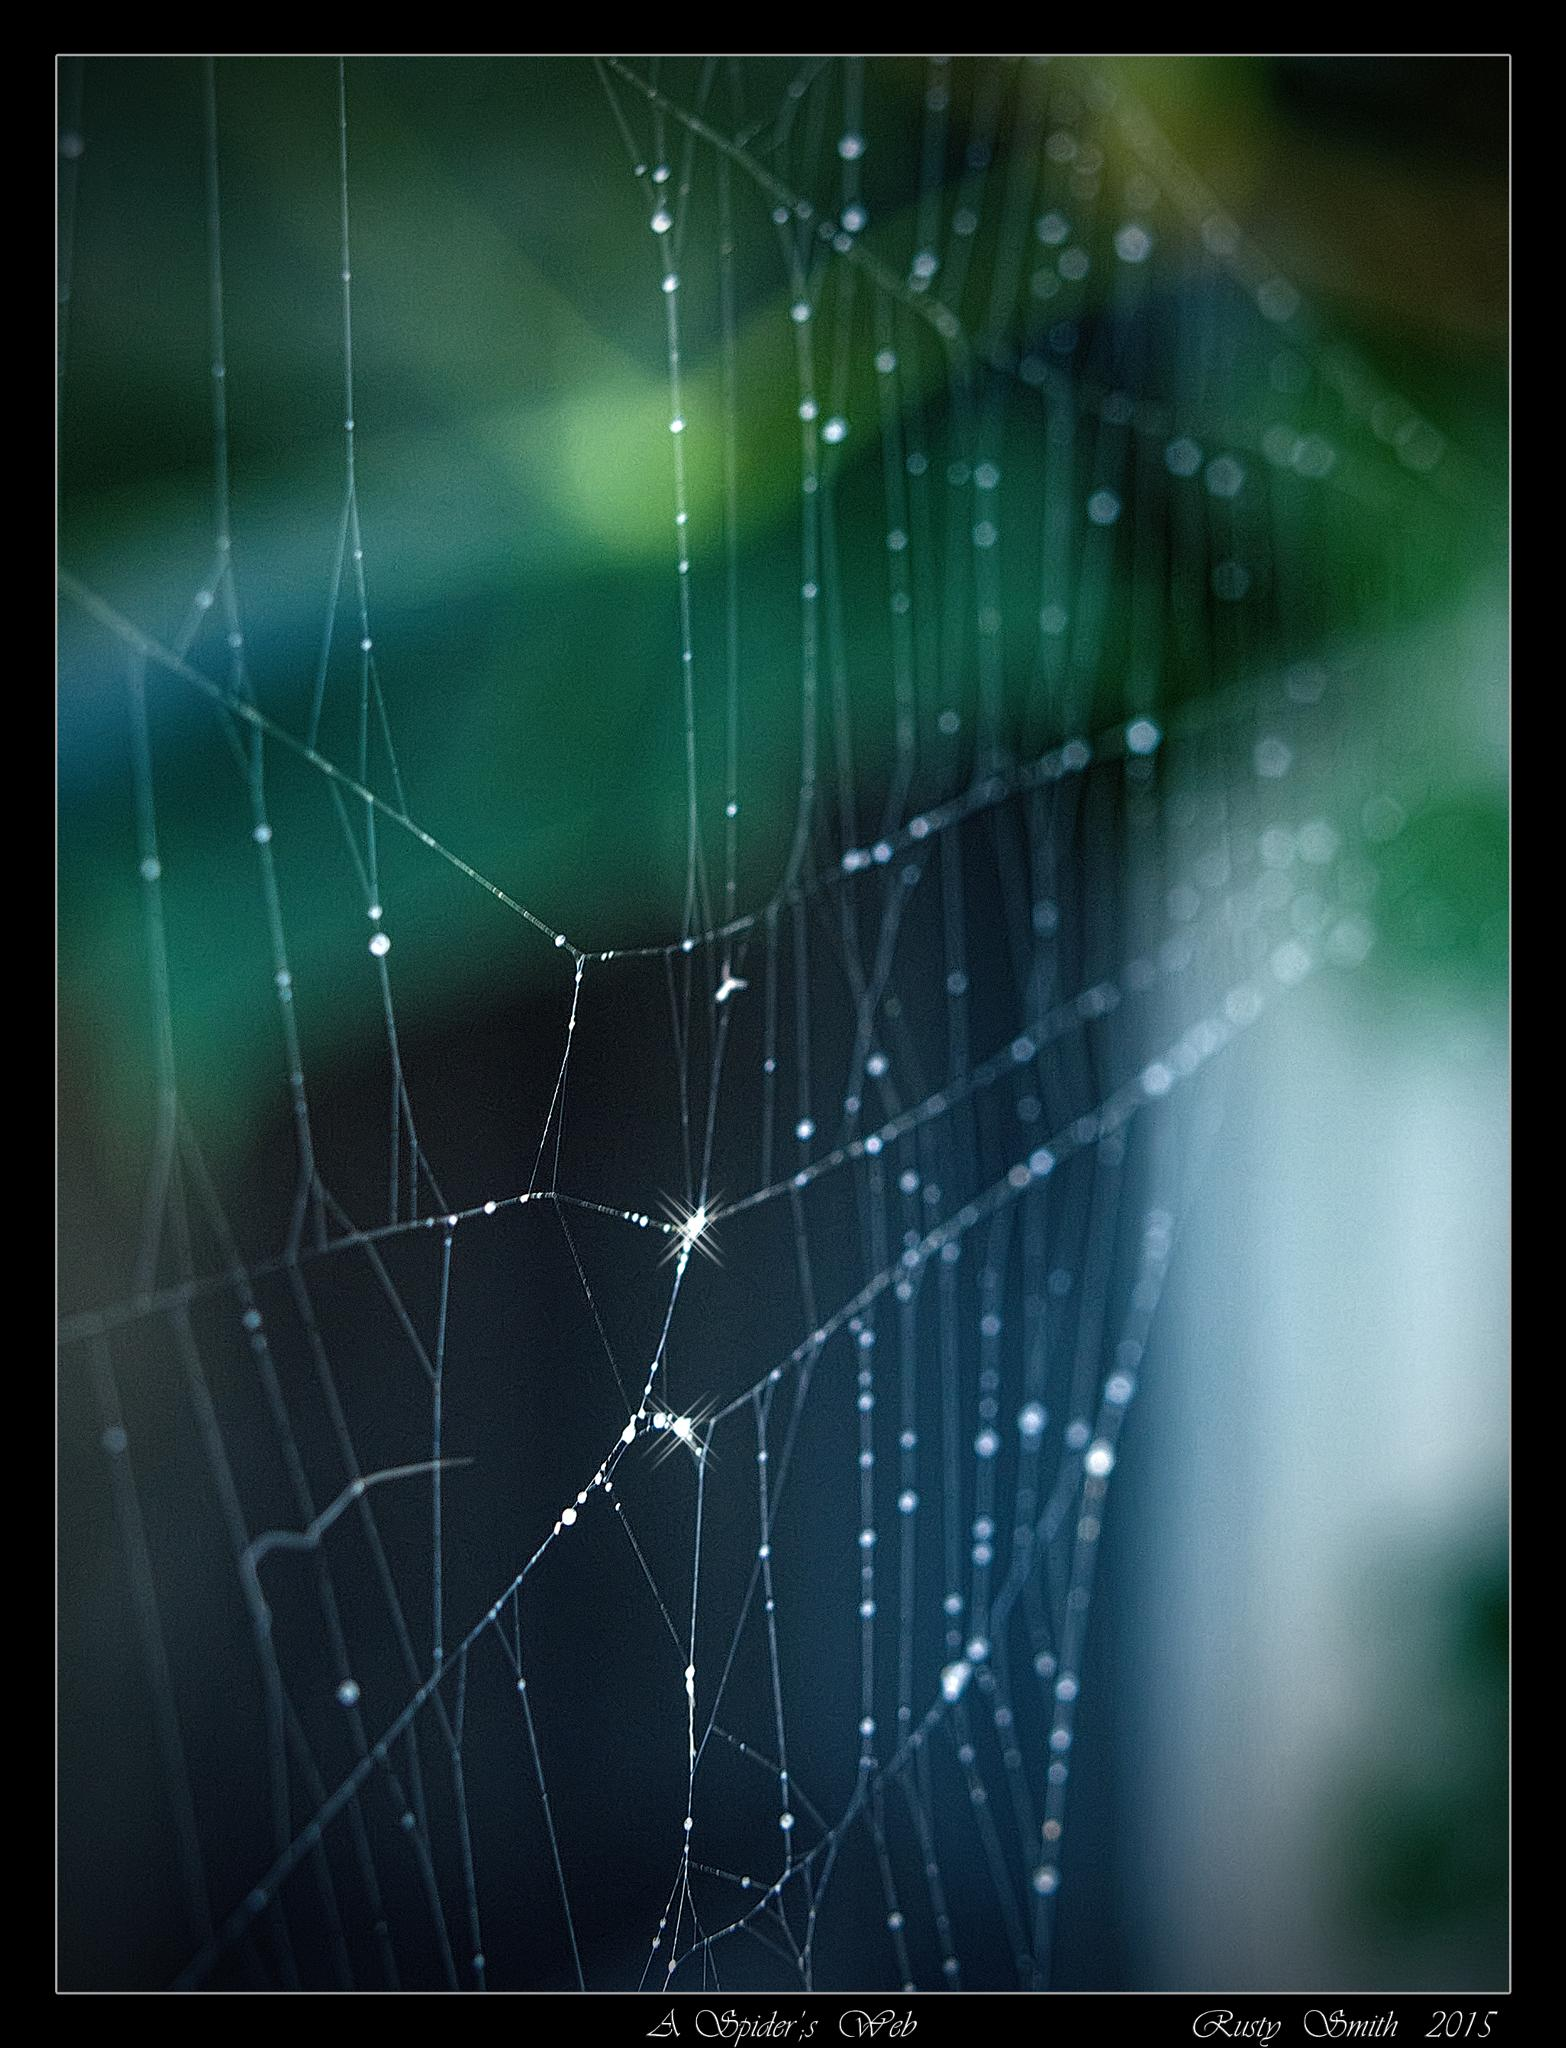 A Spider's Web by rsmithdigital